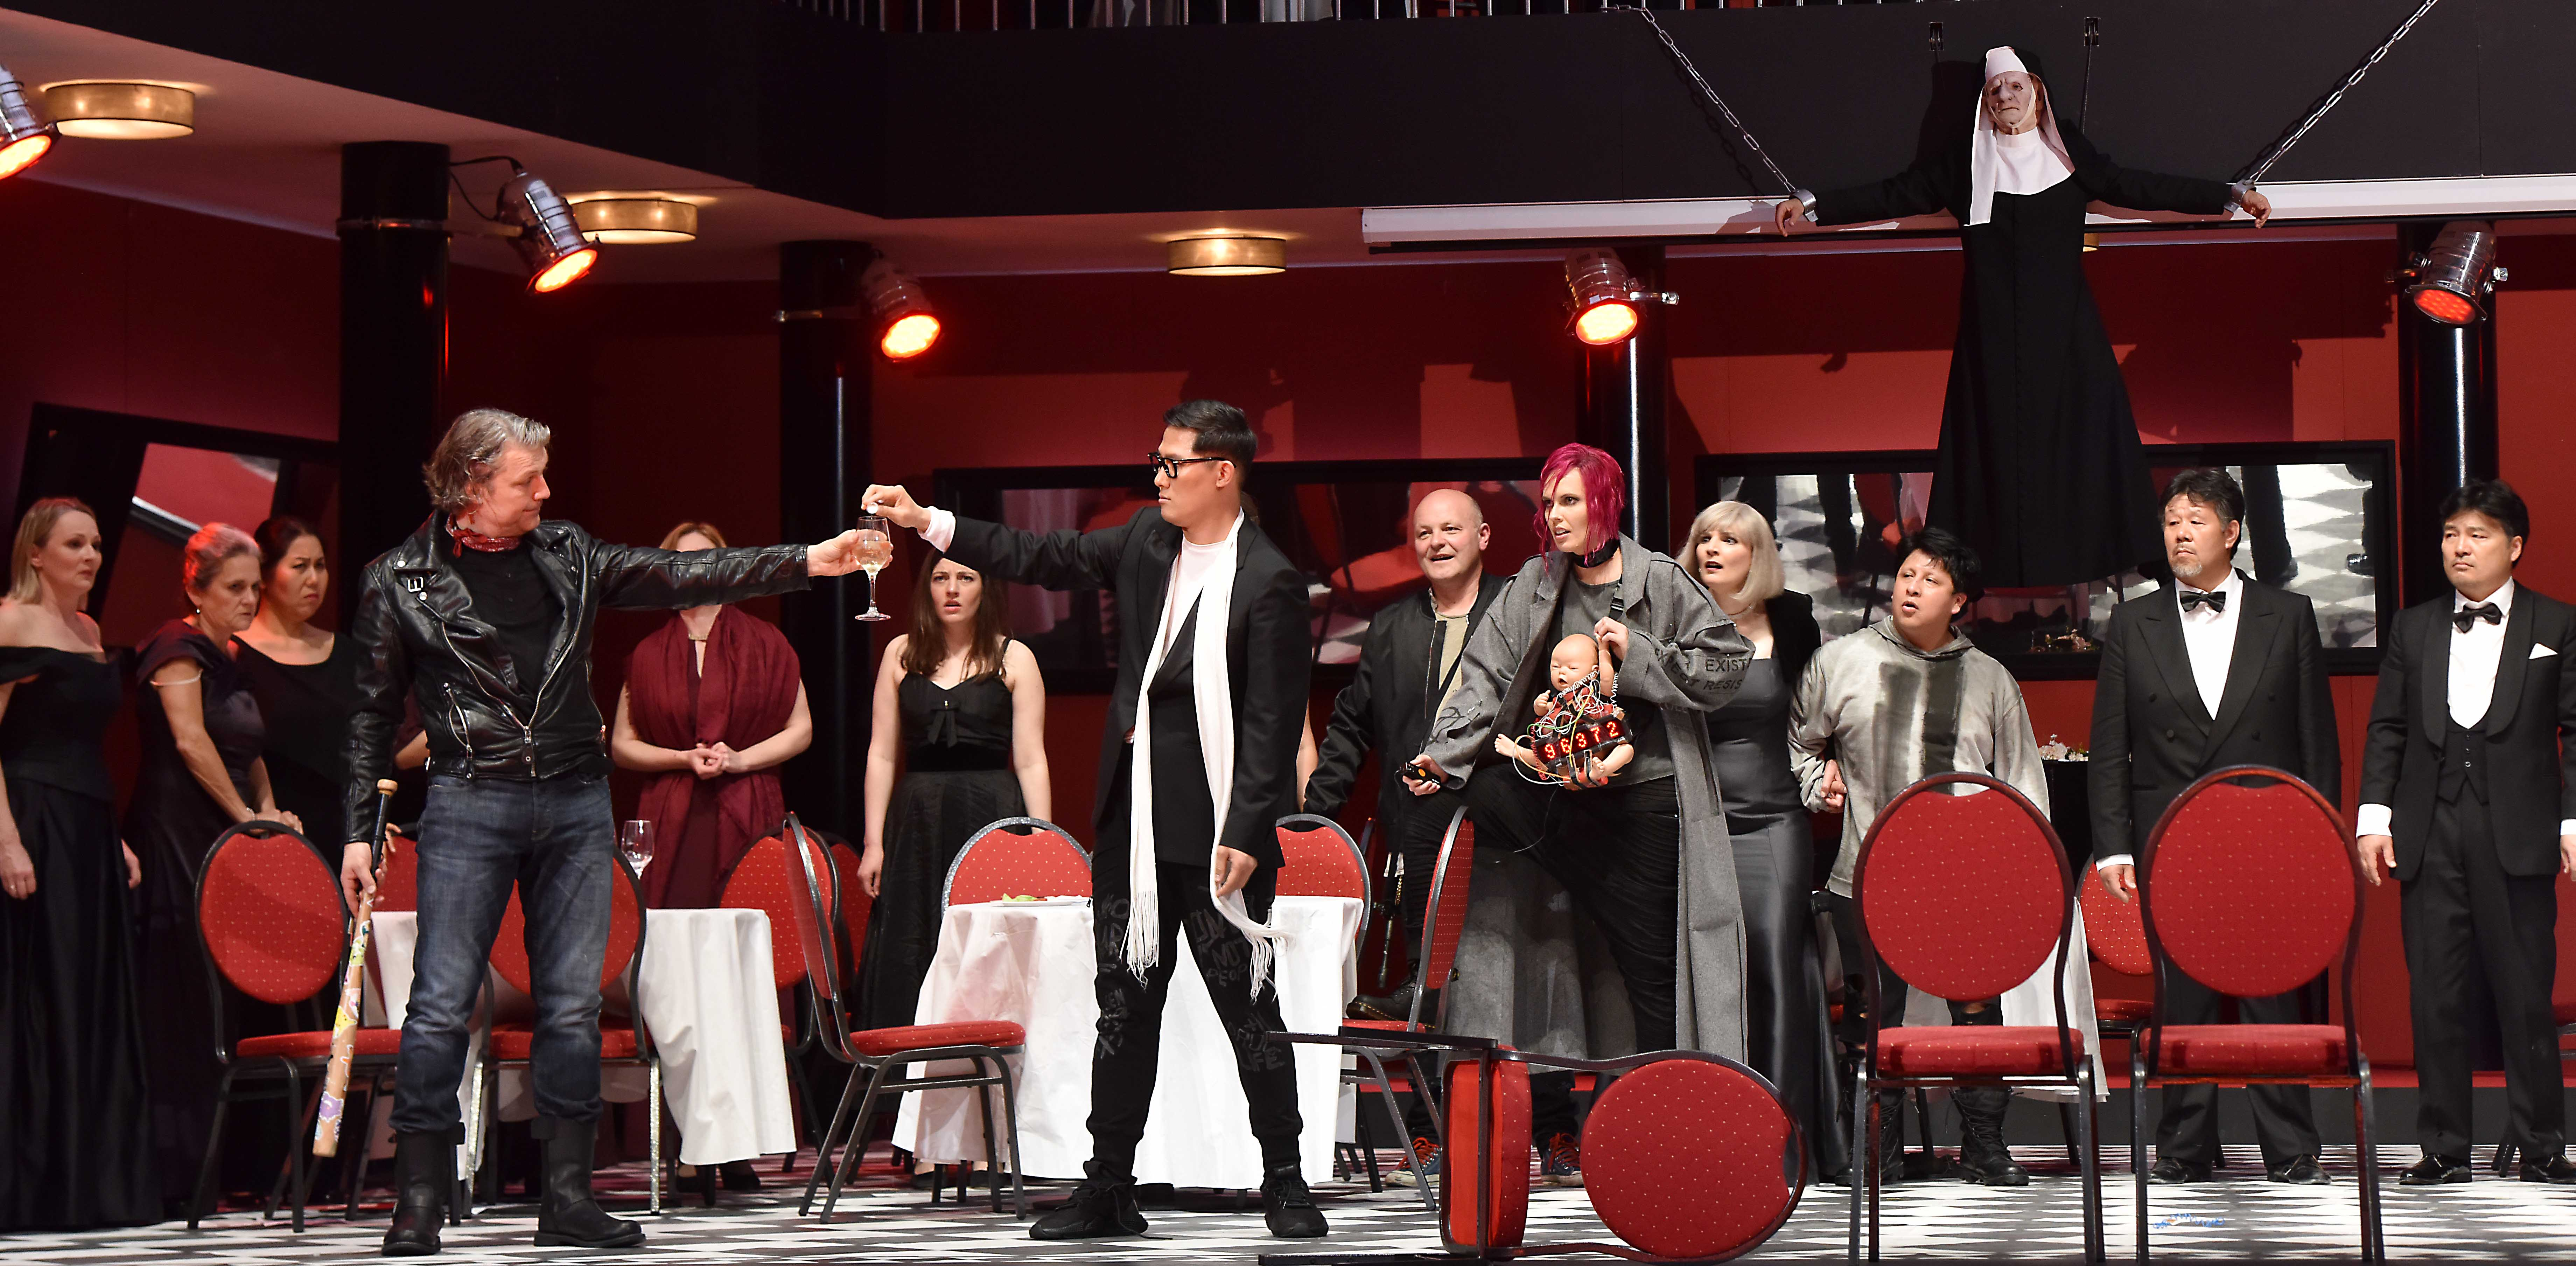 Oper_Faust_Saarlandisches Staatstheater Saarbruecken_szenik_2jpg